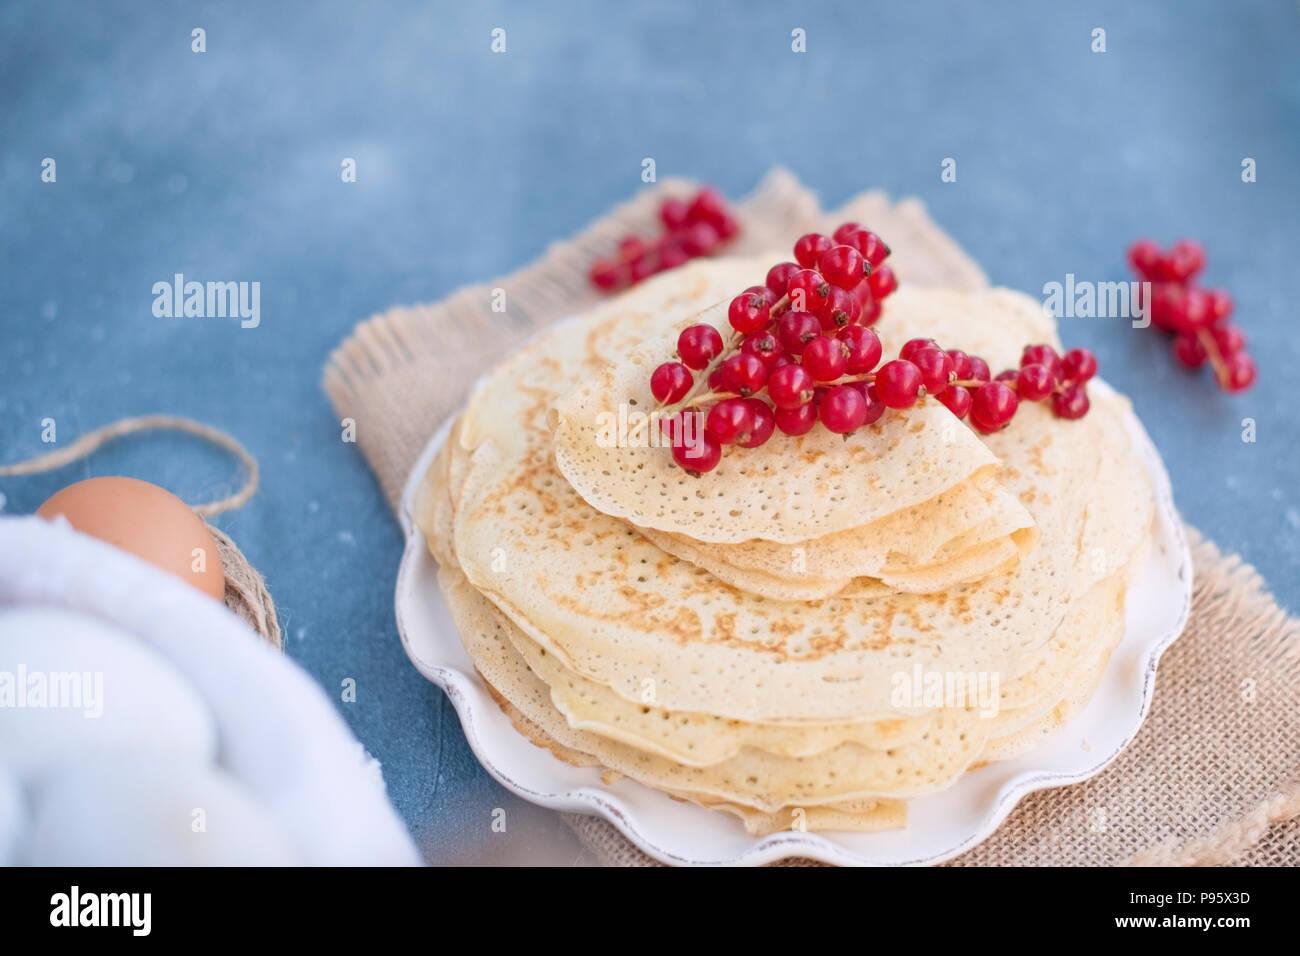 Fina tortitas dulces tradicionales de comida rusa en la primavera. Tratar festiva. Desayuno casero. Espacio para texto o una postal. Foto de stock